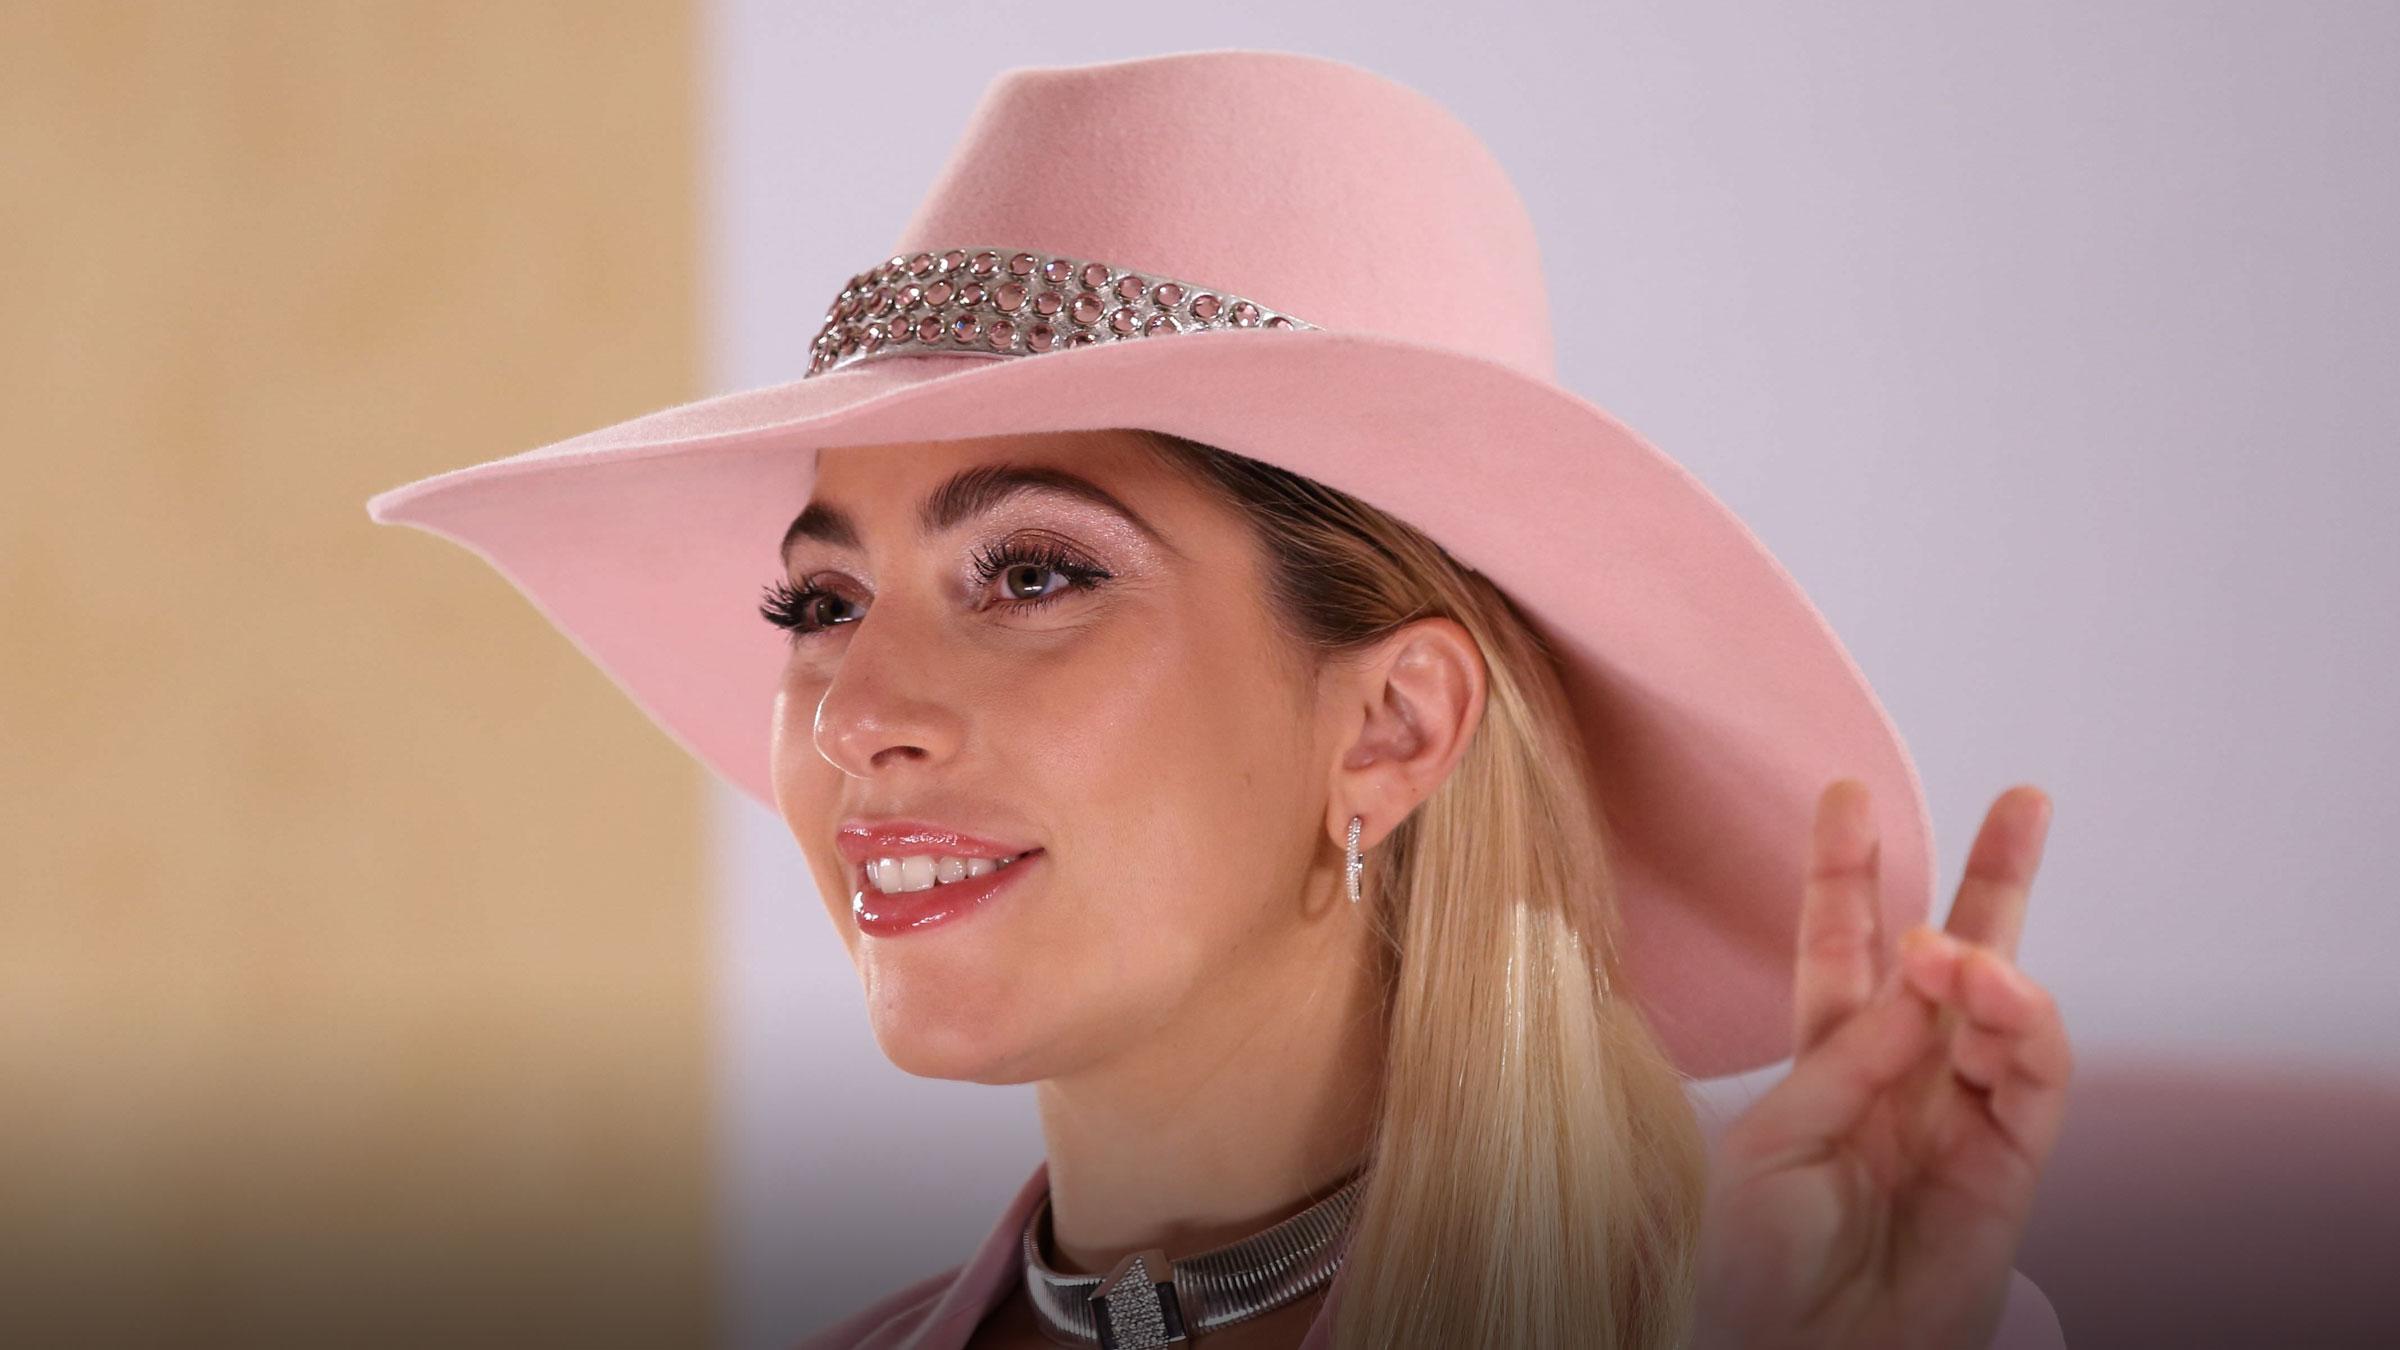 Joanne home